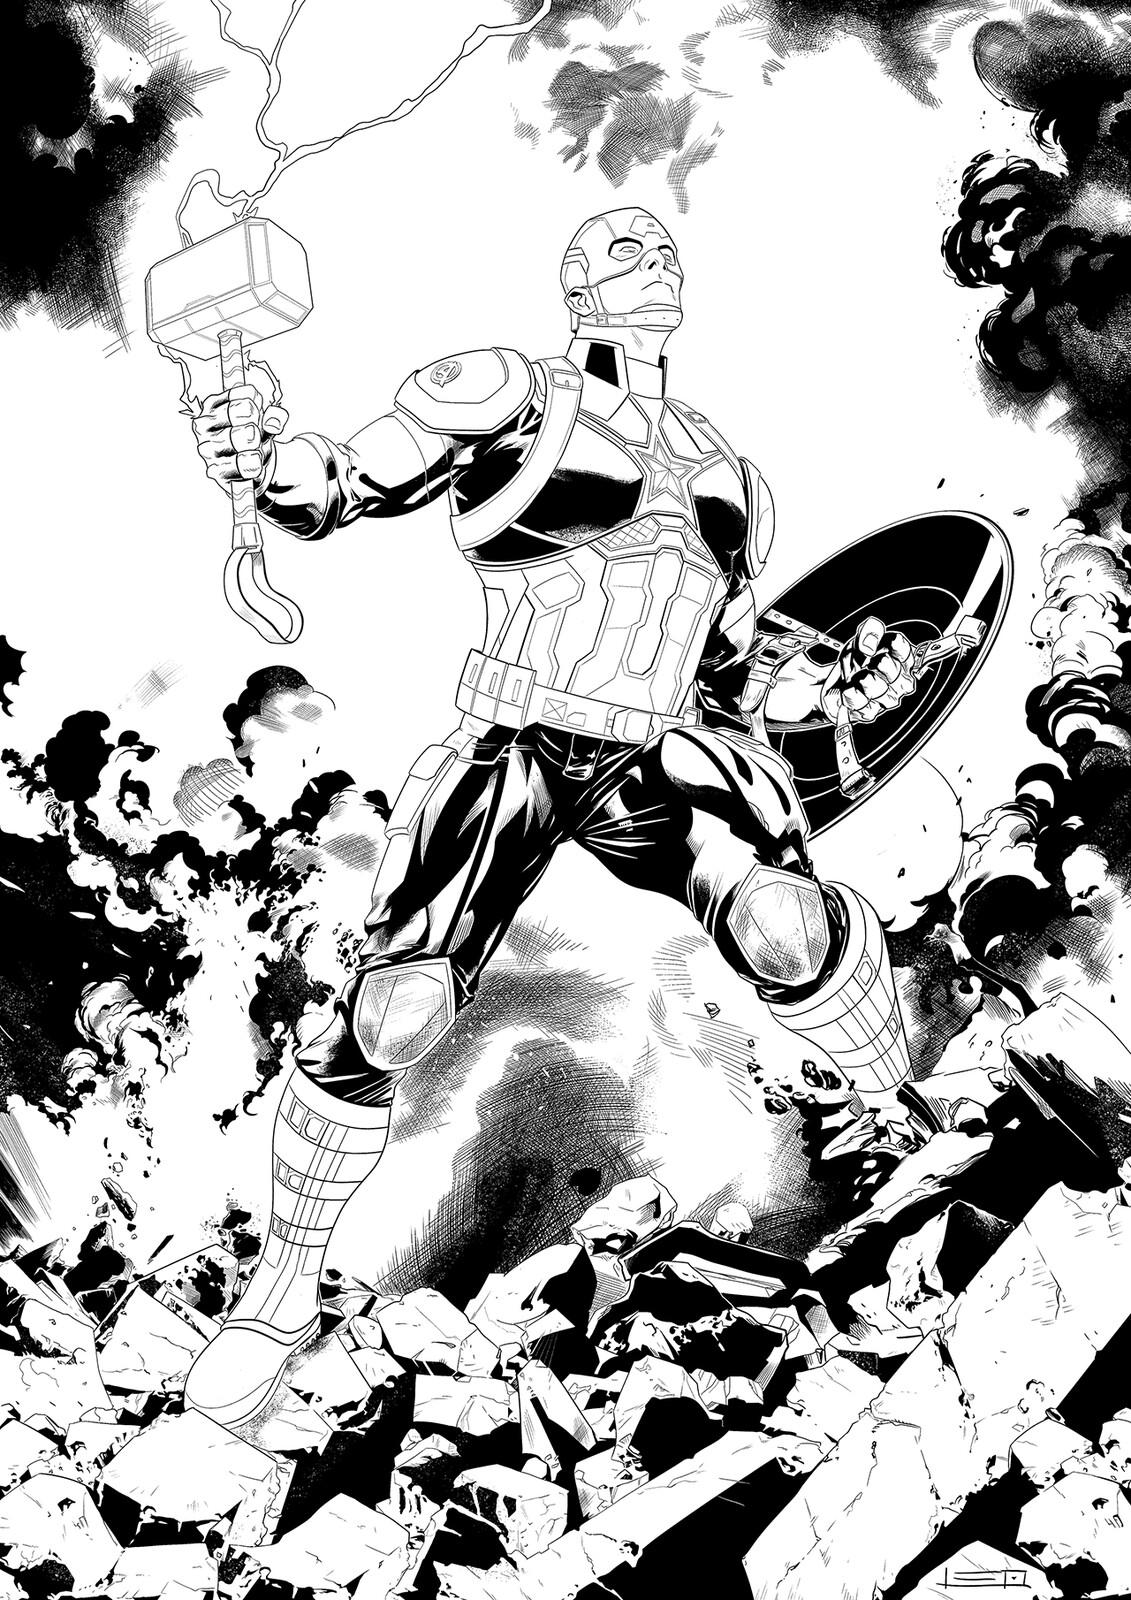 Endgame's Captain America